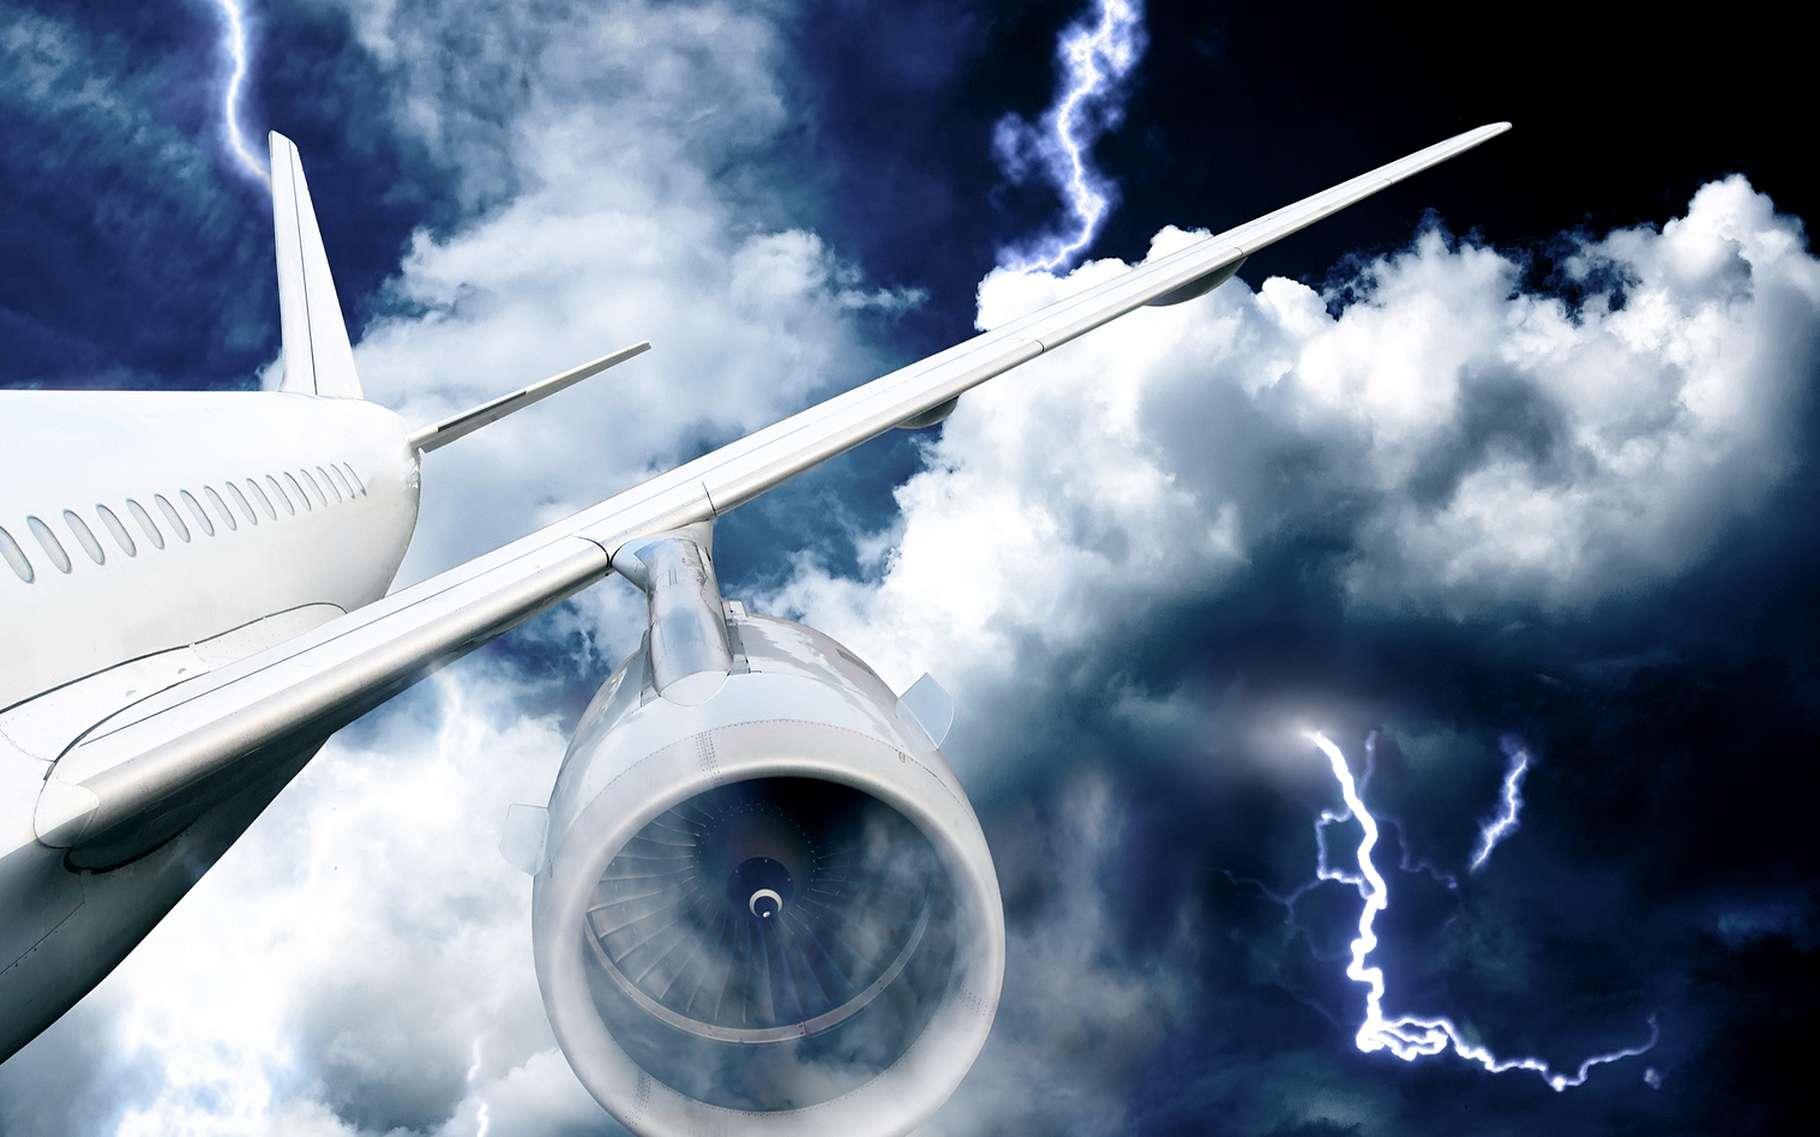 Pourquoi des avions et des bateaux ont-ils disparu dans le triangle des Bermudes ? © Kamenetskiy Konstantin, Shutterstock